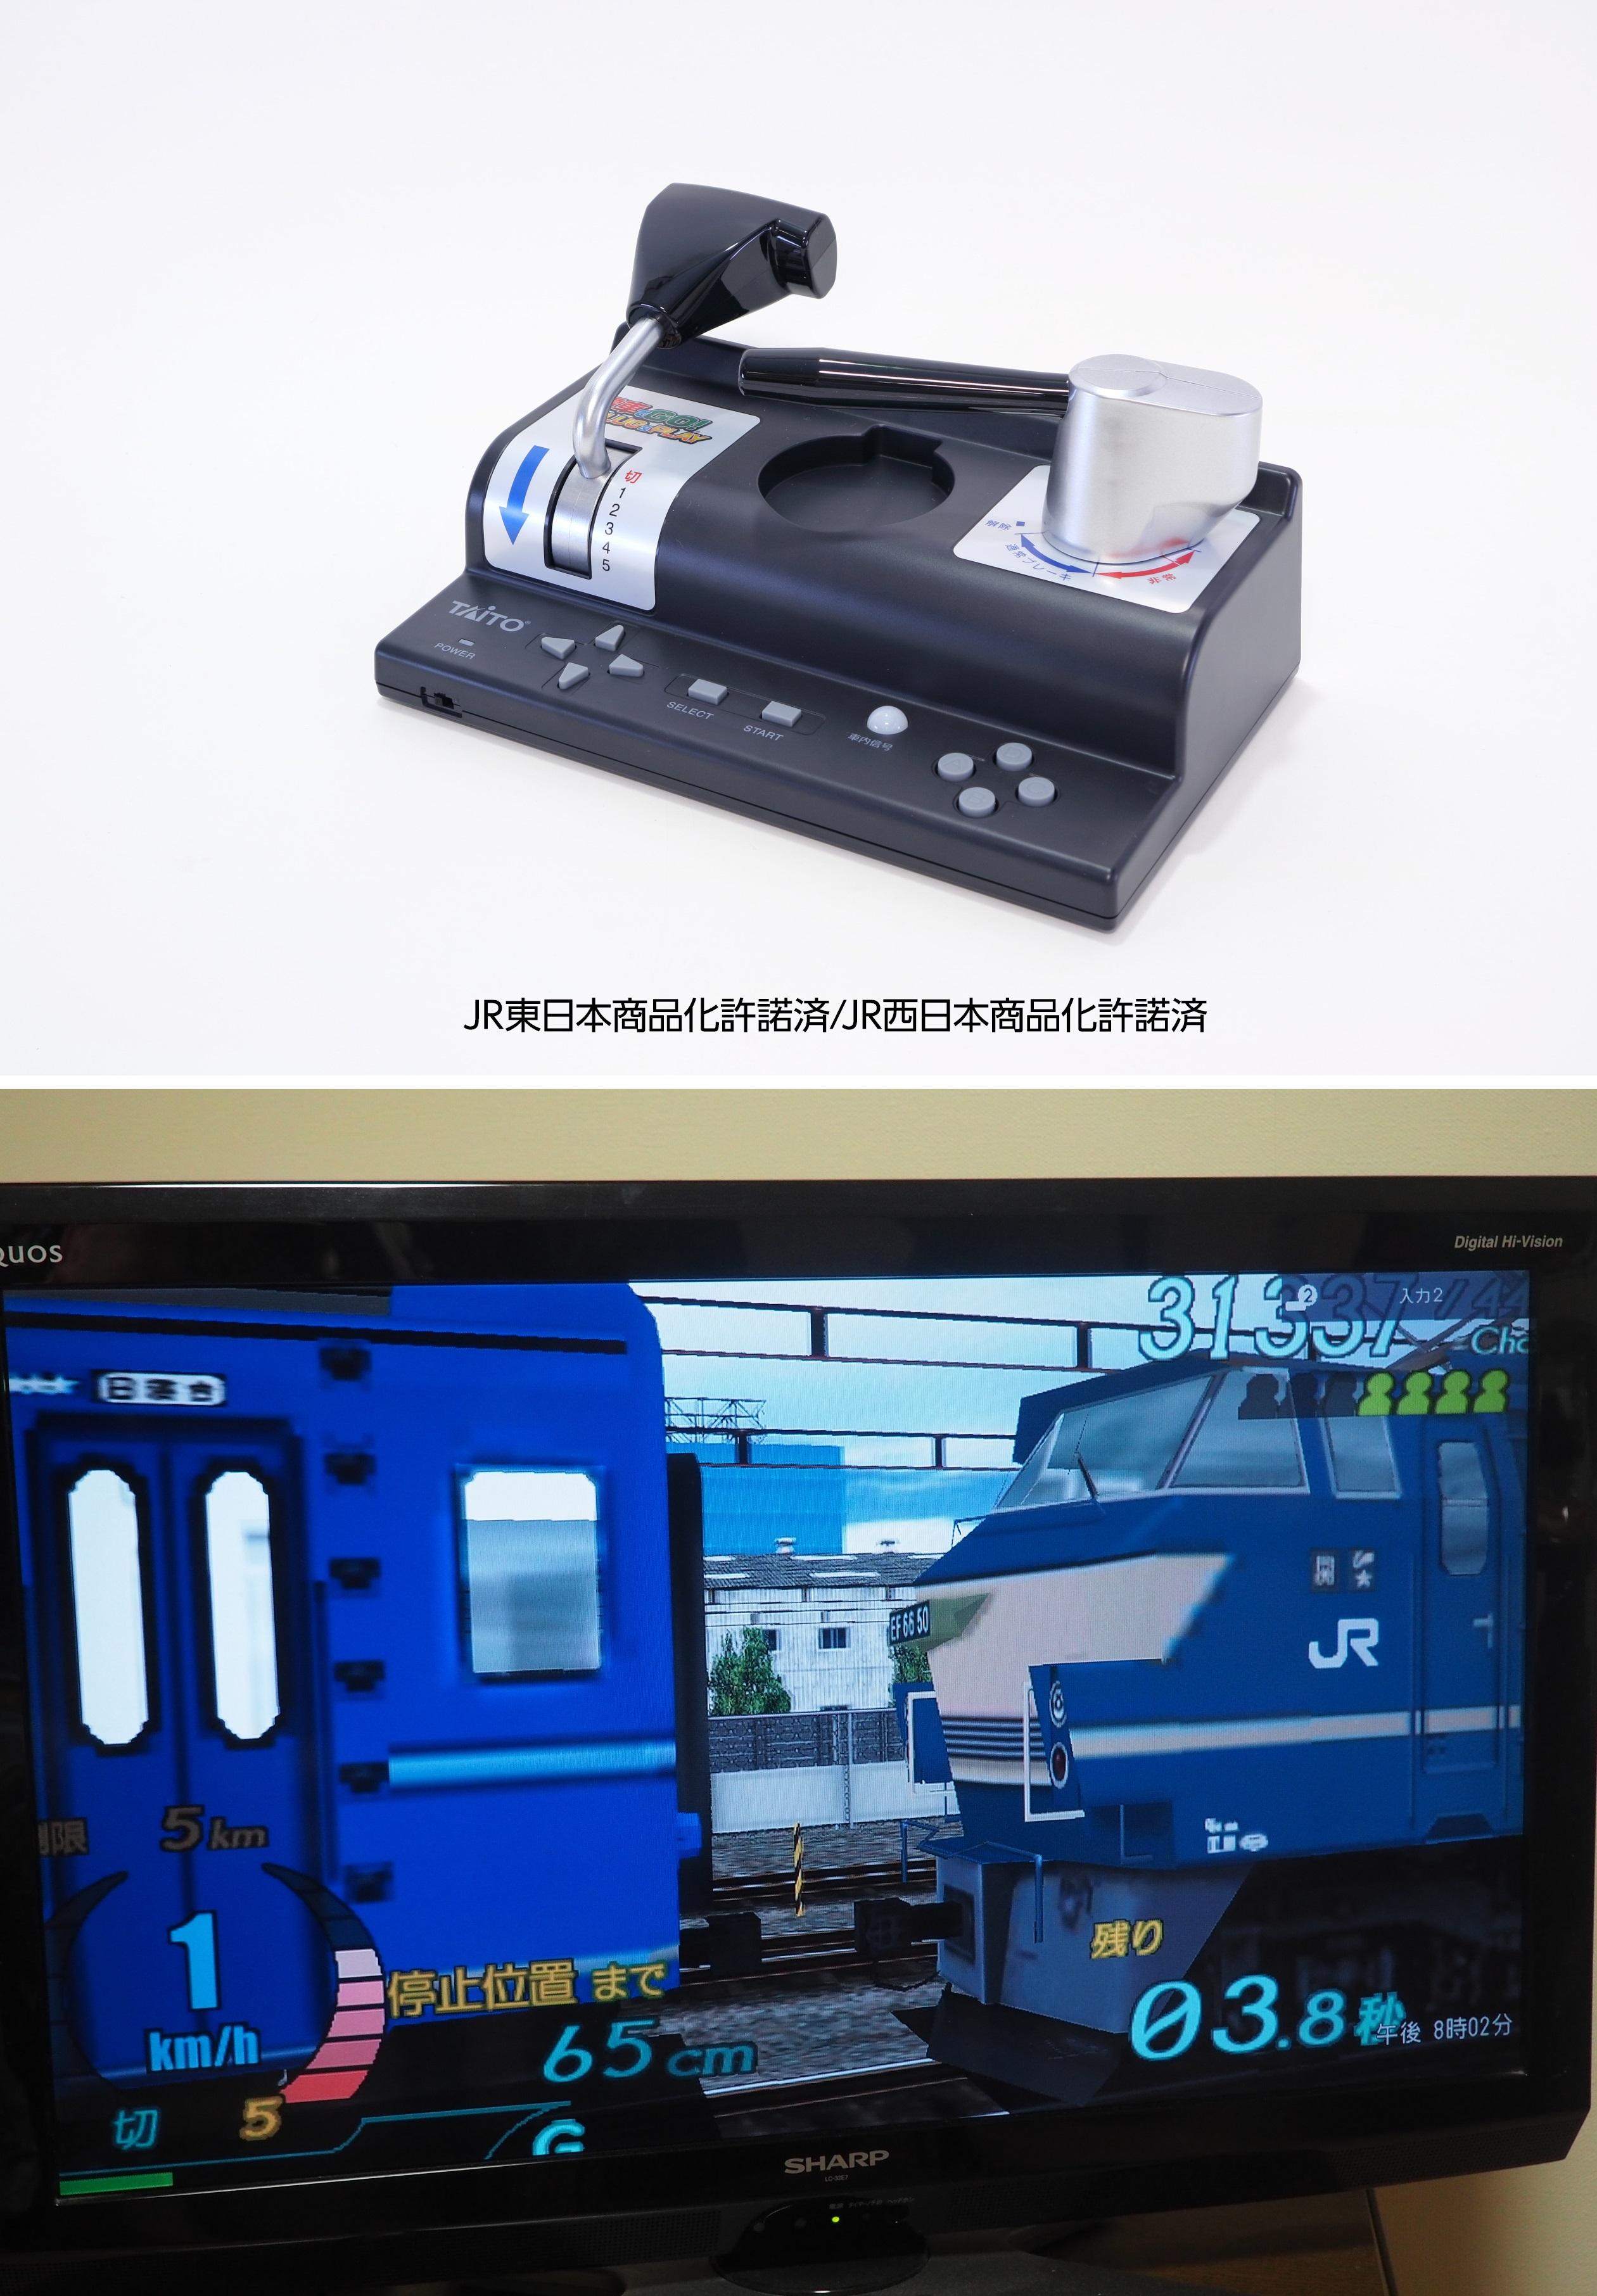 (上)「電車でGO!プラグ・アンド・プレー」のゲーム機(タイトー提供)、(下)車両同士の連結に成功すると加点されるボーナスゲームも用意